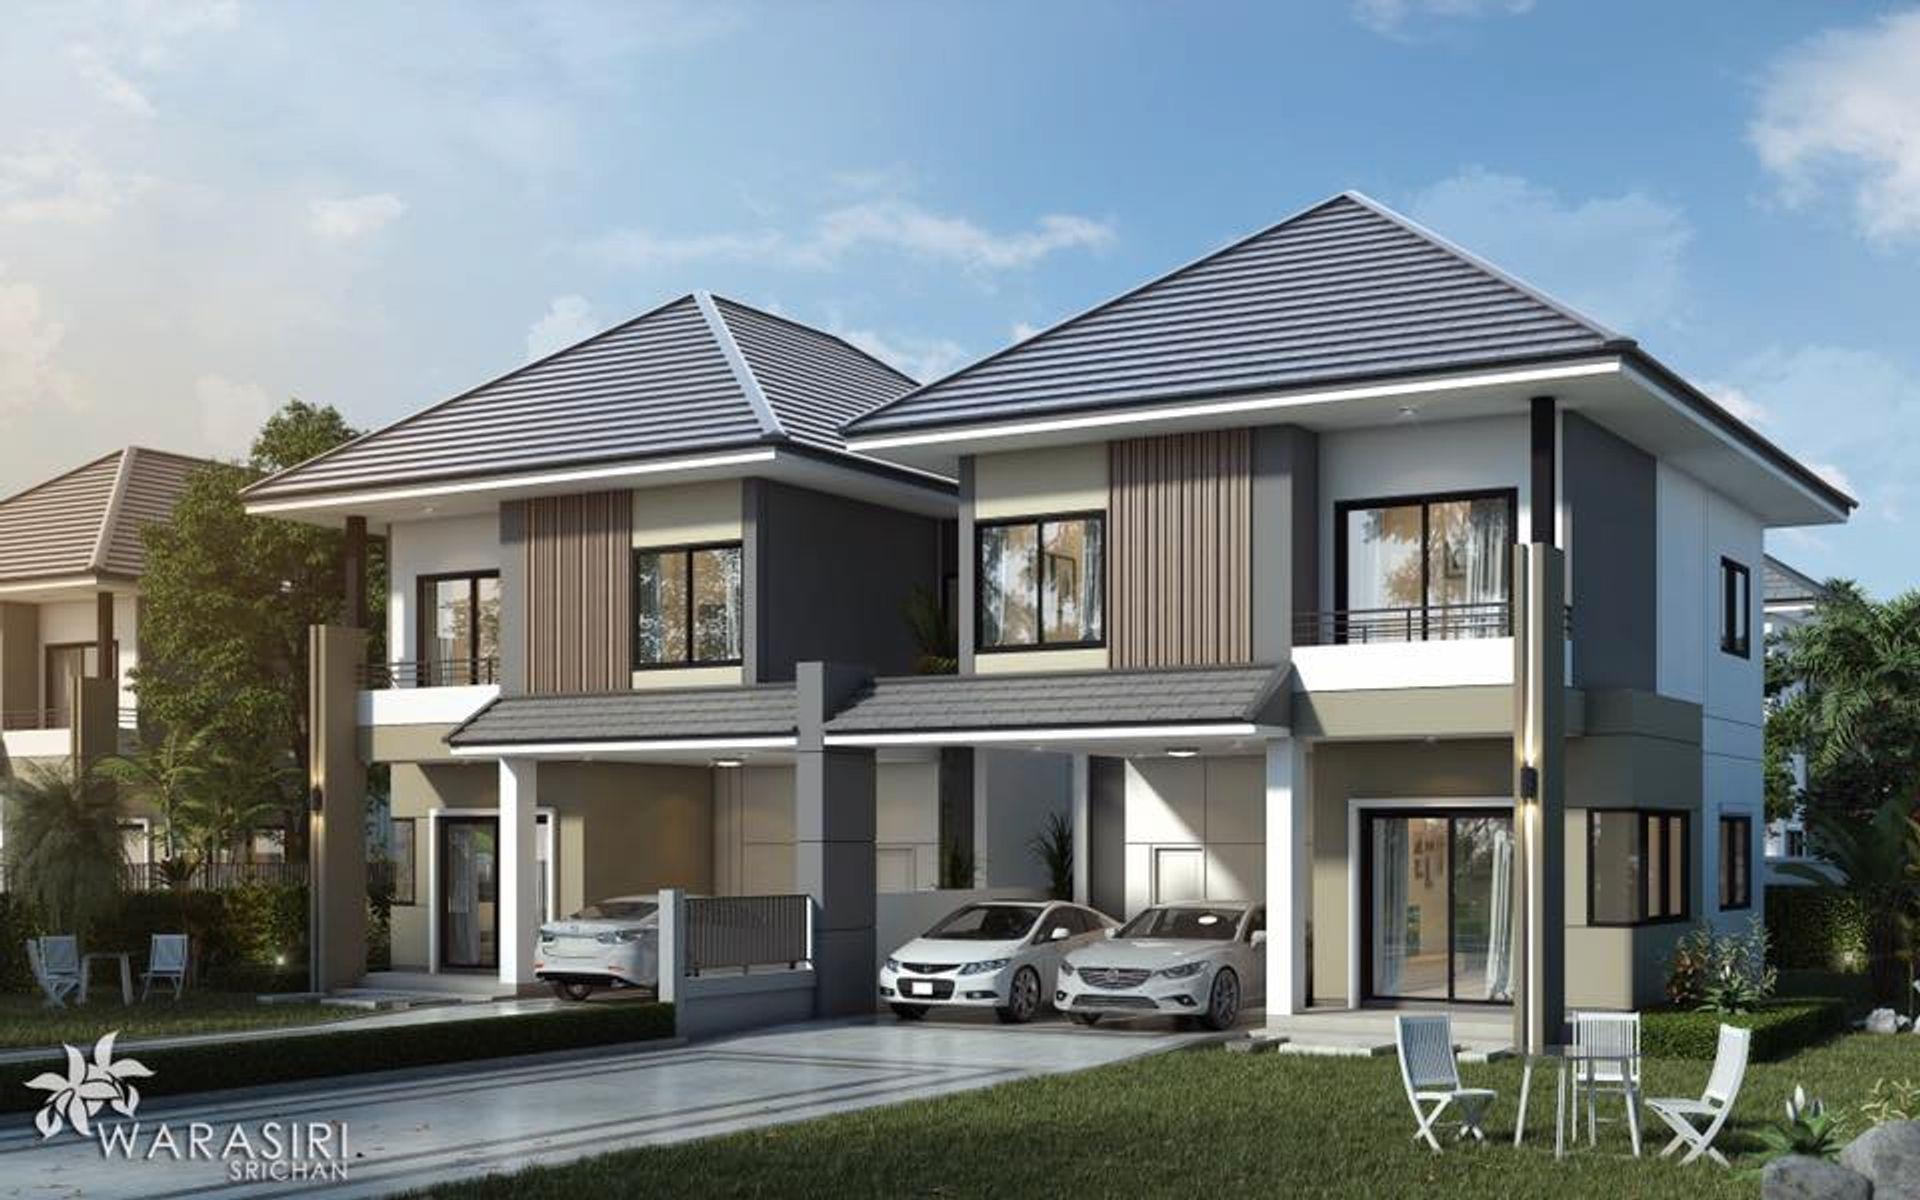 บ้านเดี่ยว บ้านแฝด โครงการใหม่ วราสิริ ศรีจันทร์ ขอนแก่น